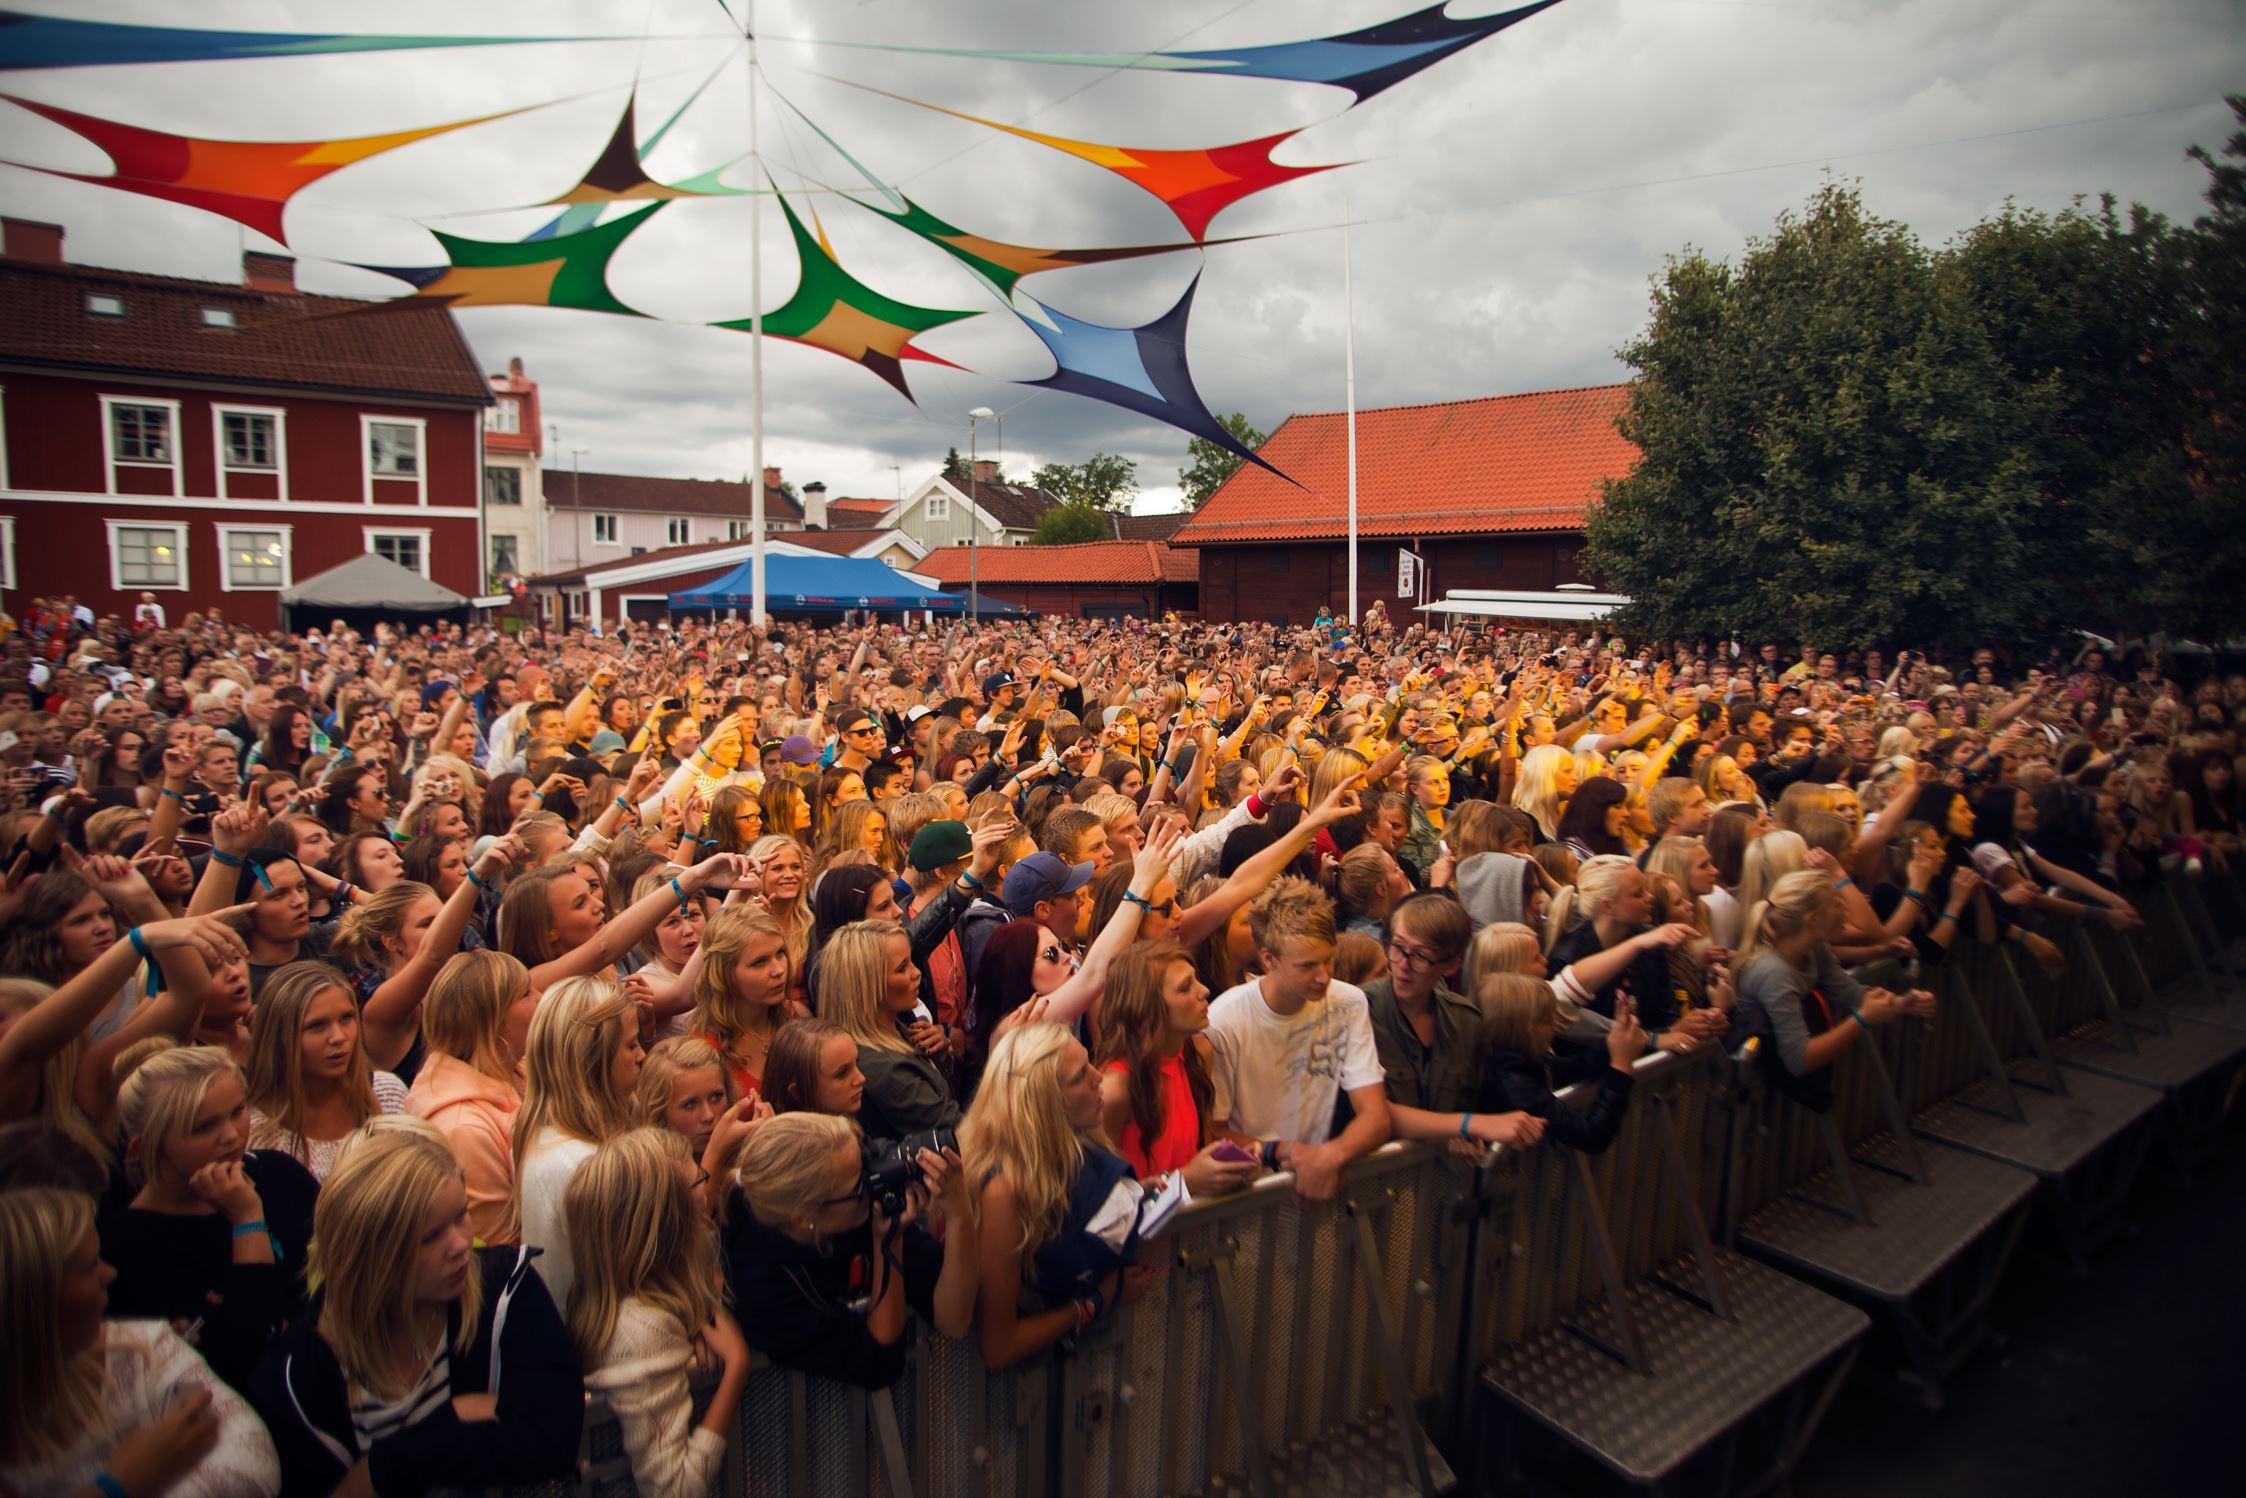 Eksjö Town Festival